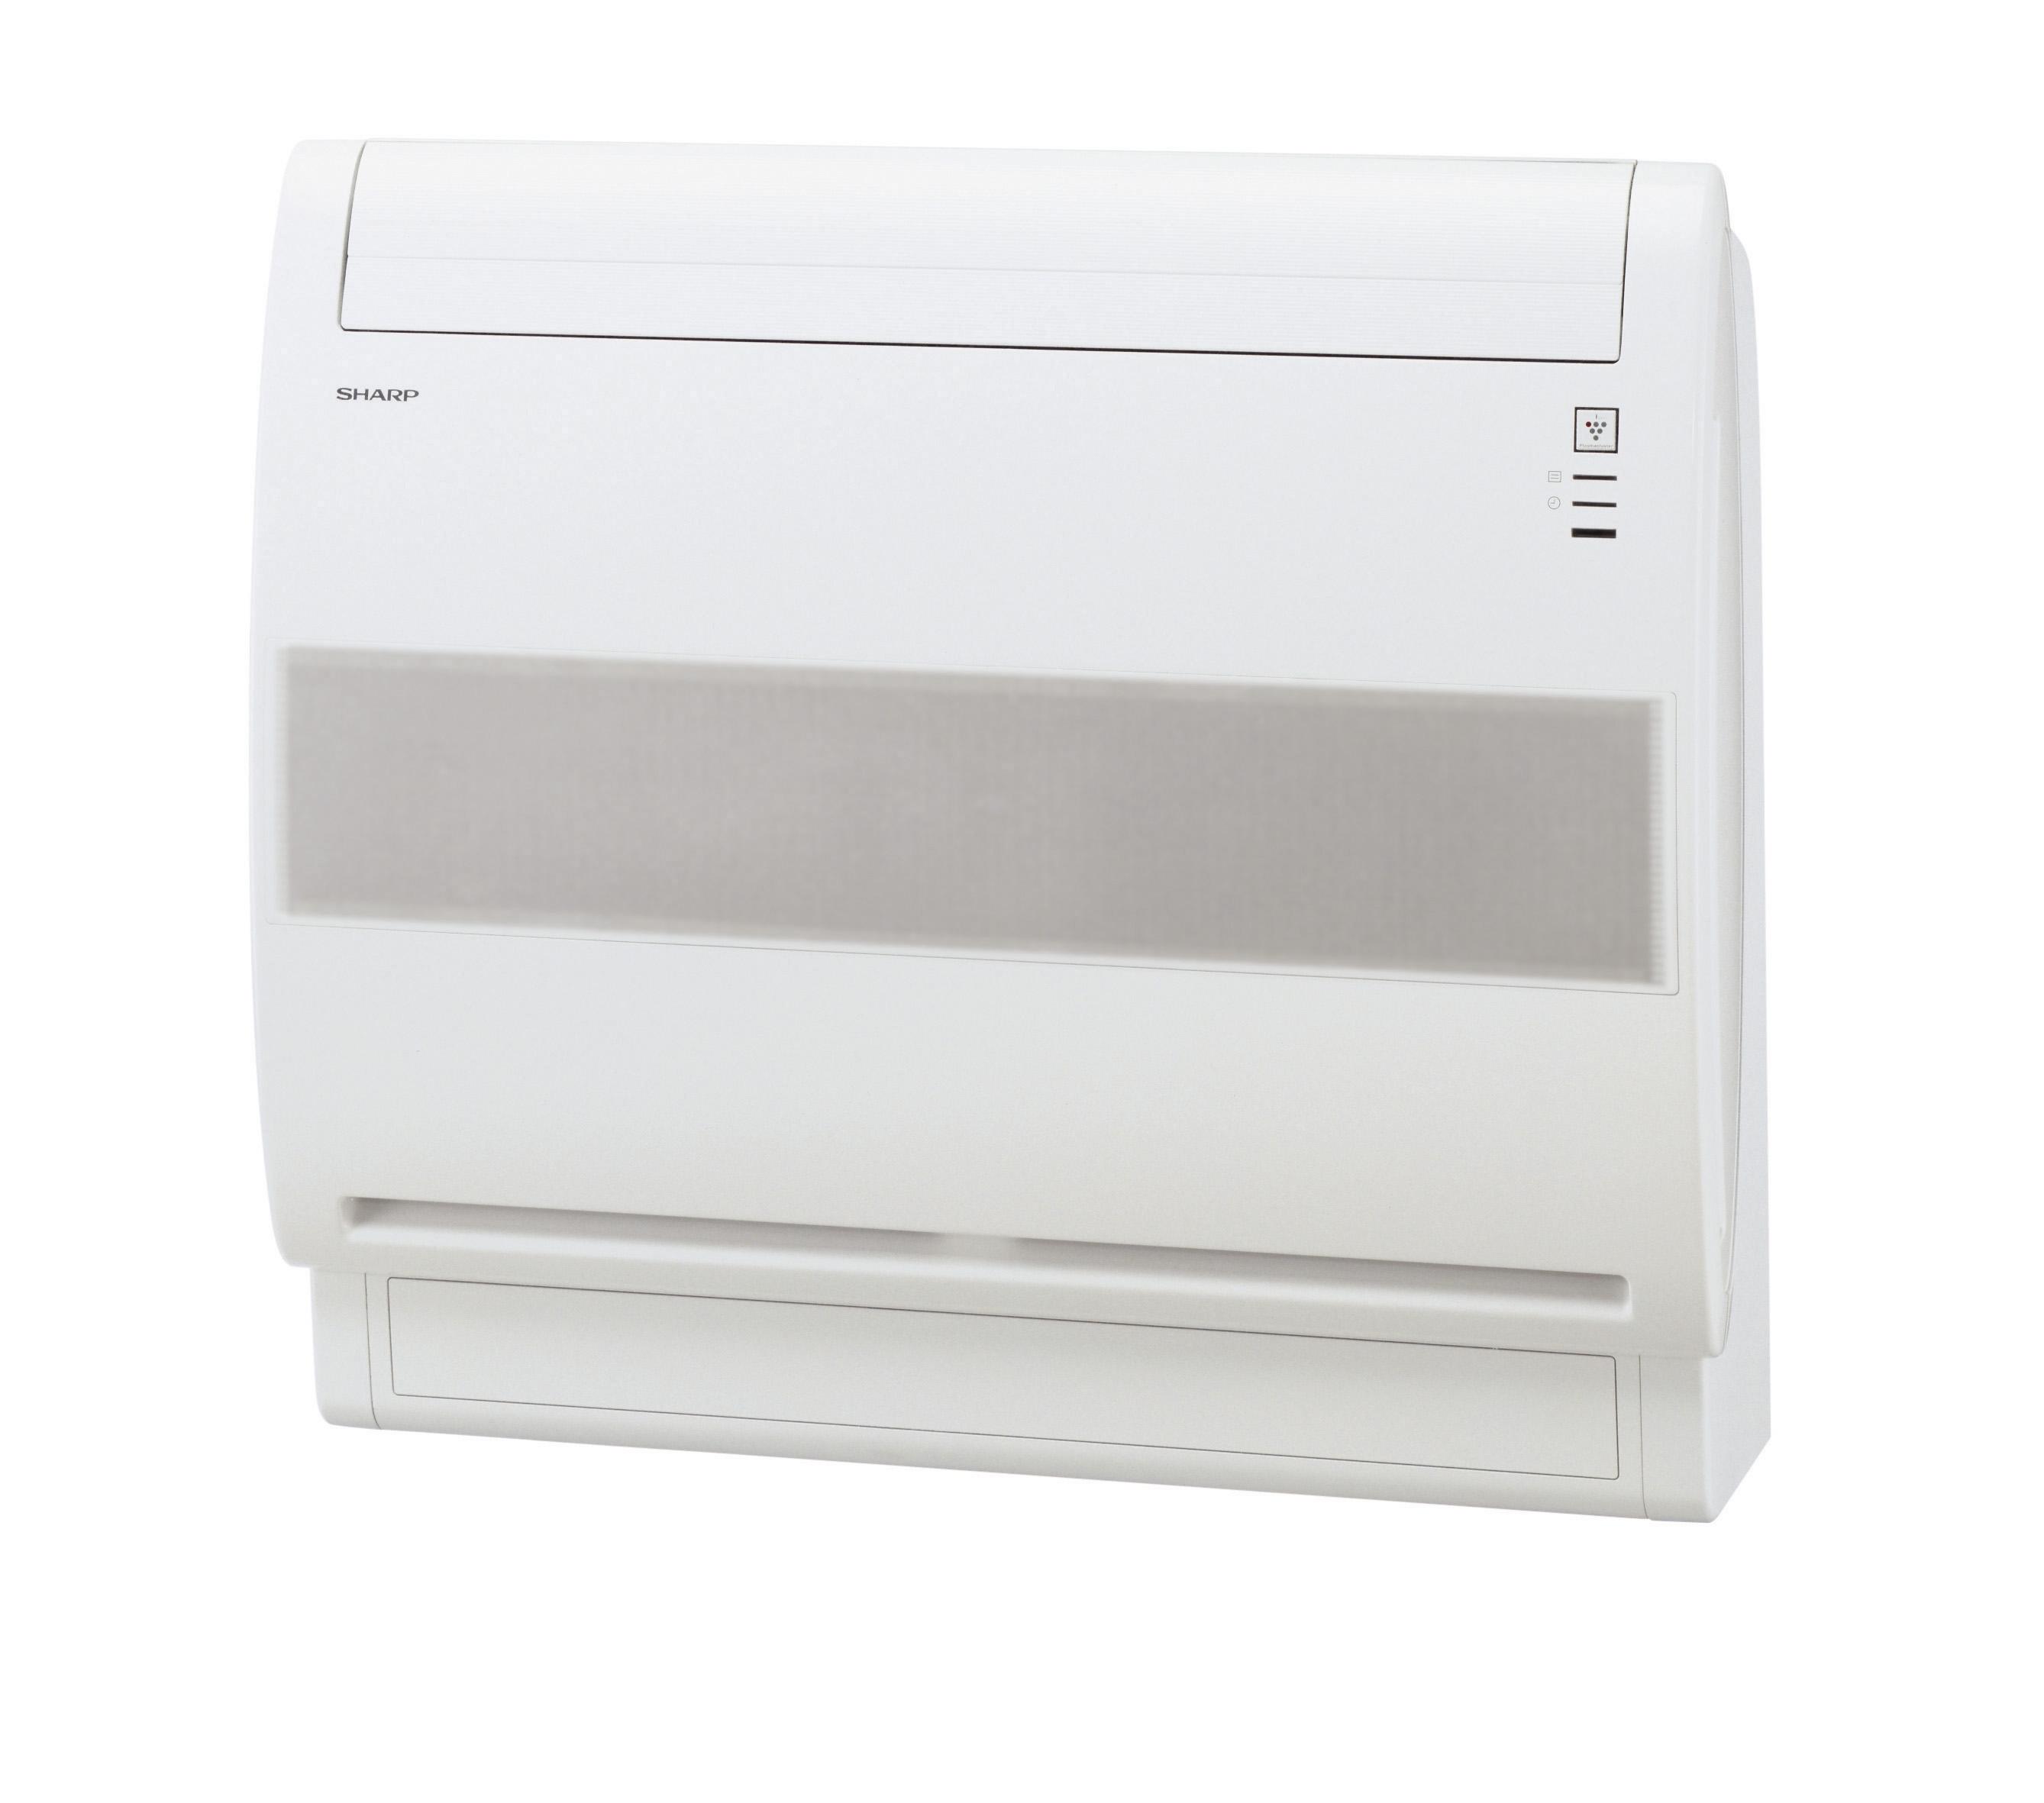 sharp gs xp18fgr inverter klimager t. Black Bedroom Furniture Sets. Home Design Ideas